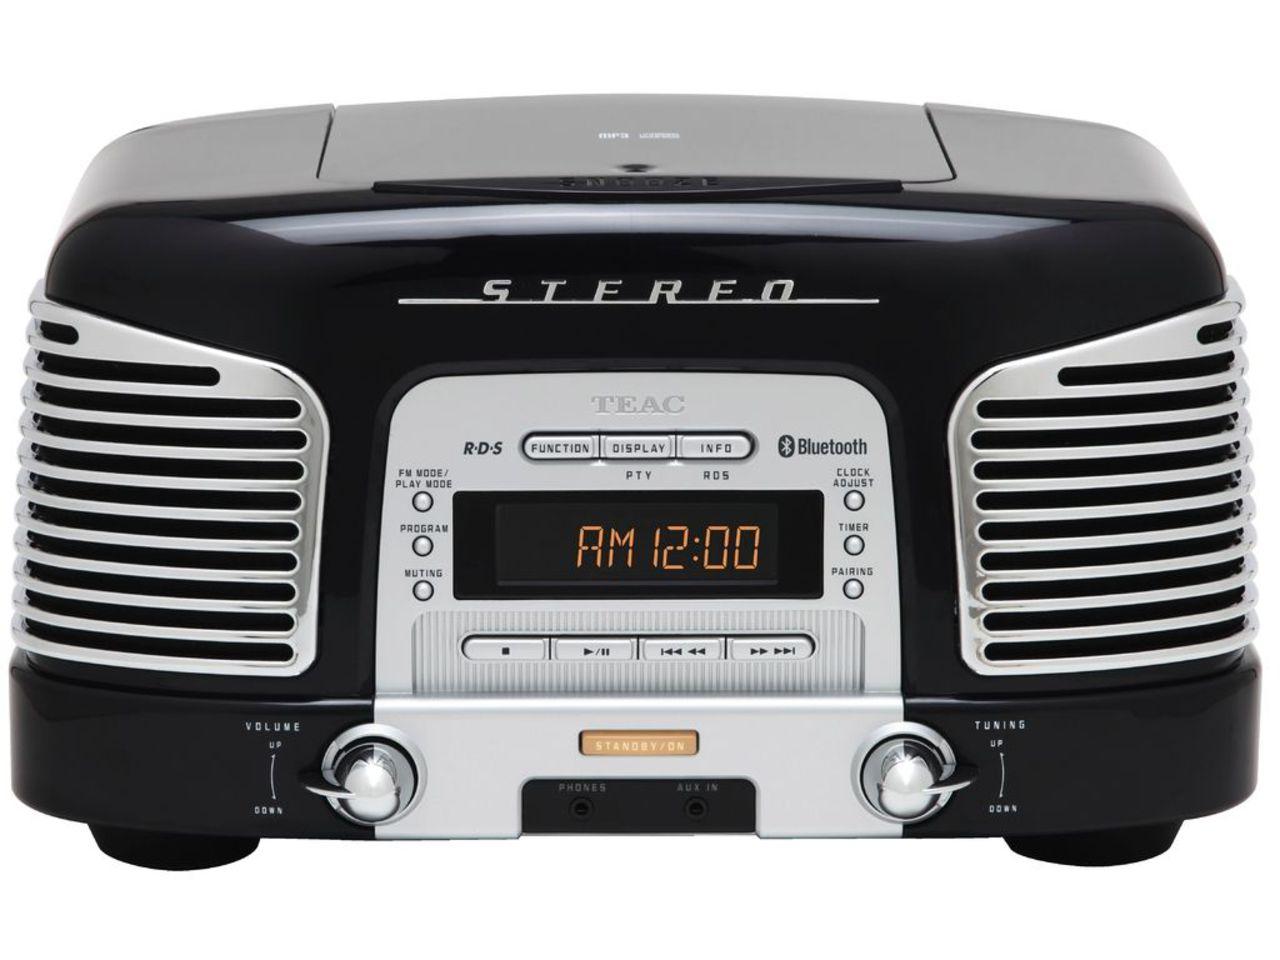 Teac SL-D930-B - Radio/Cd-speler - Zwart